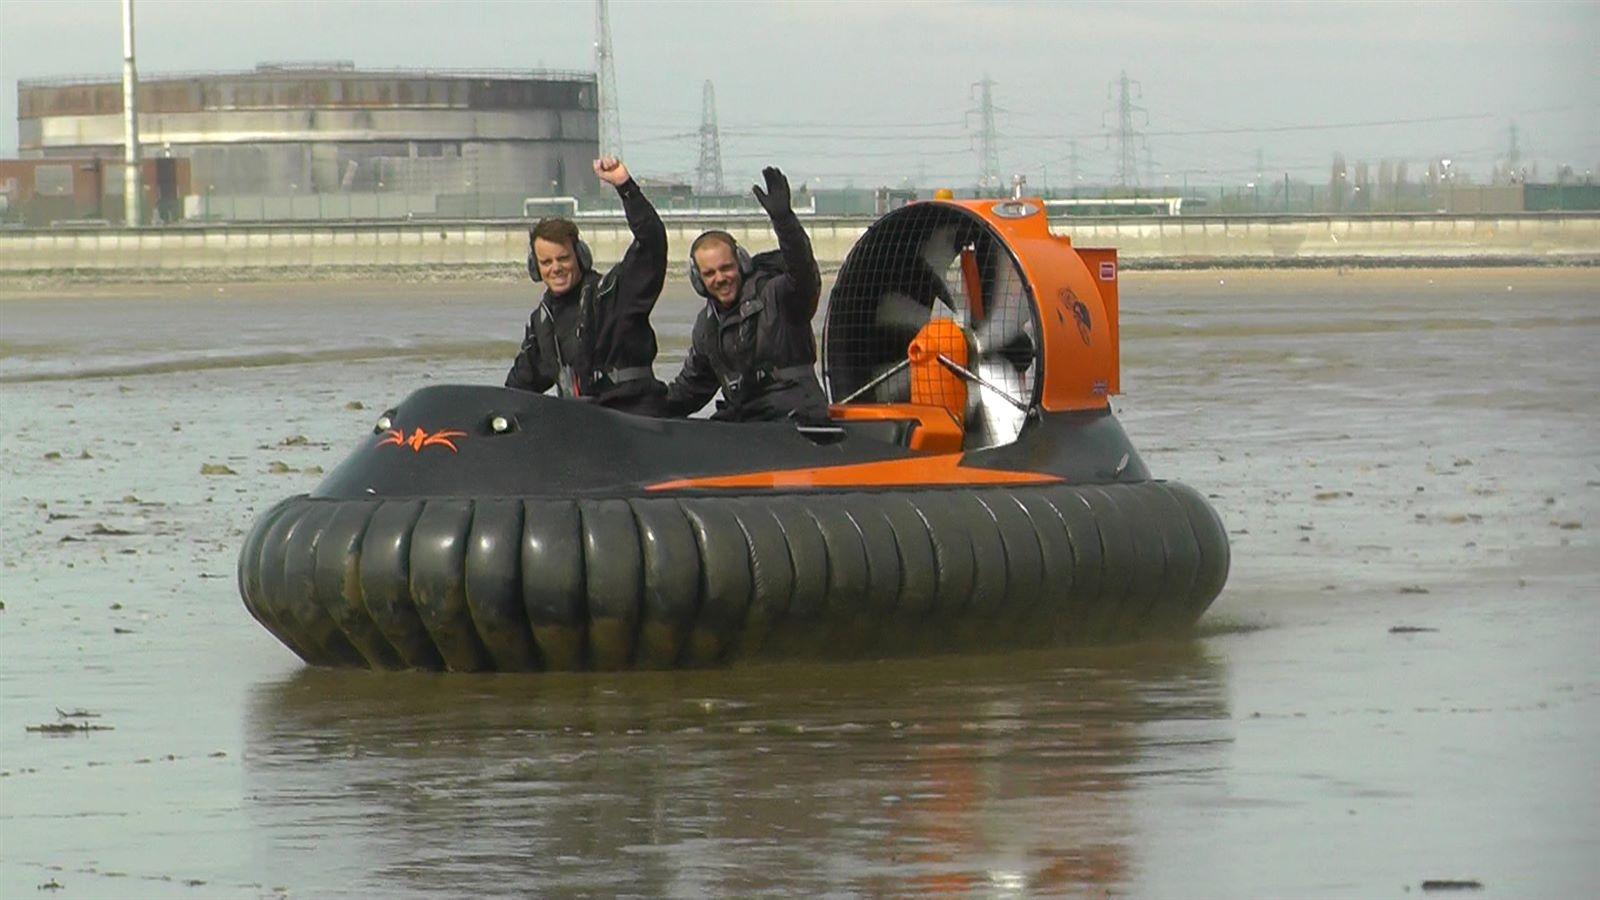 Rescue & military light hovercraft